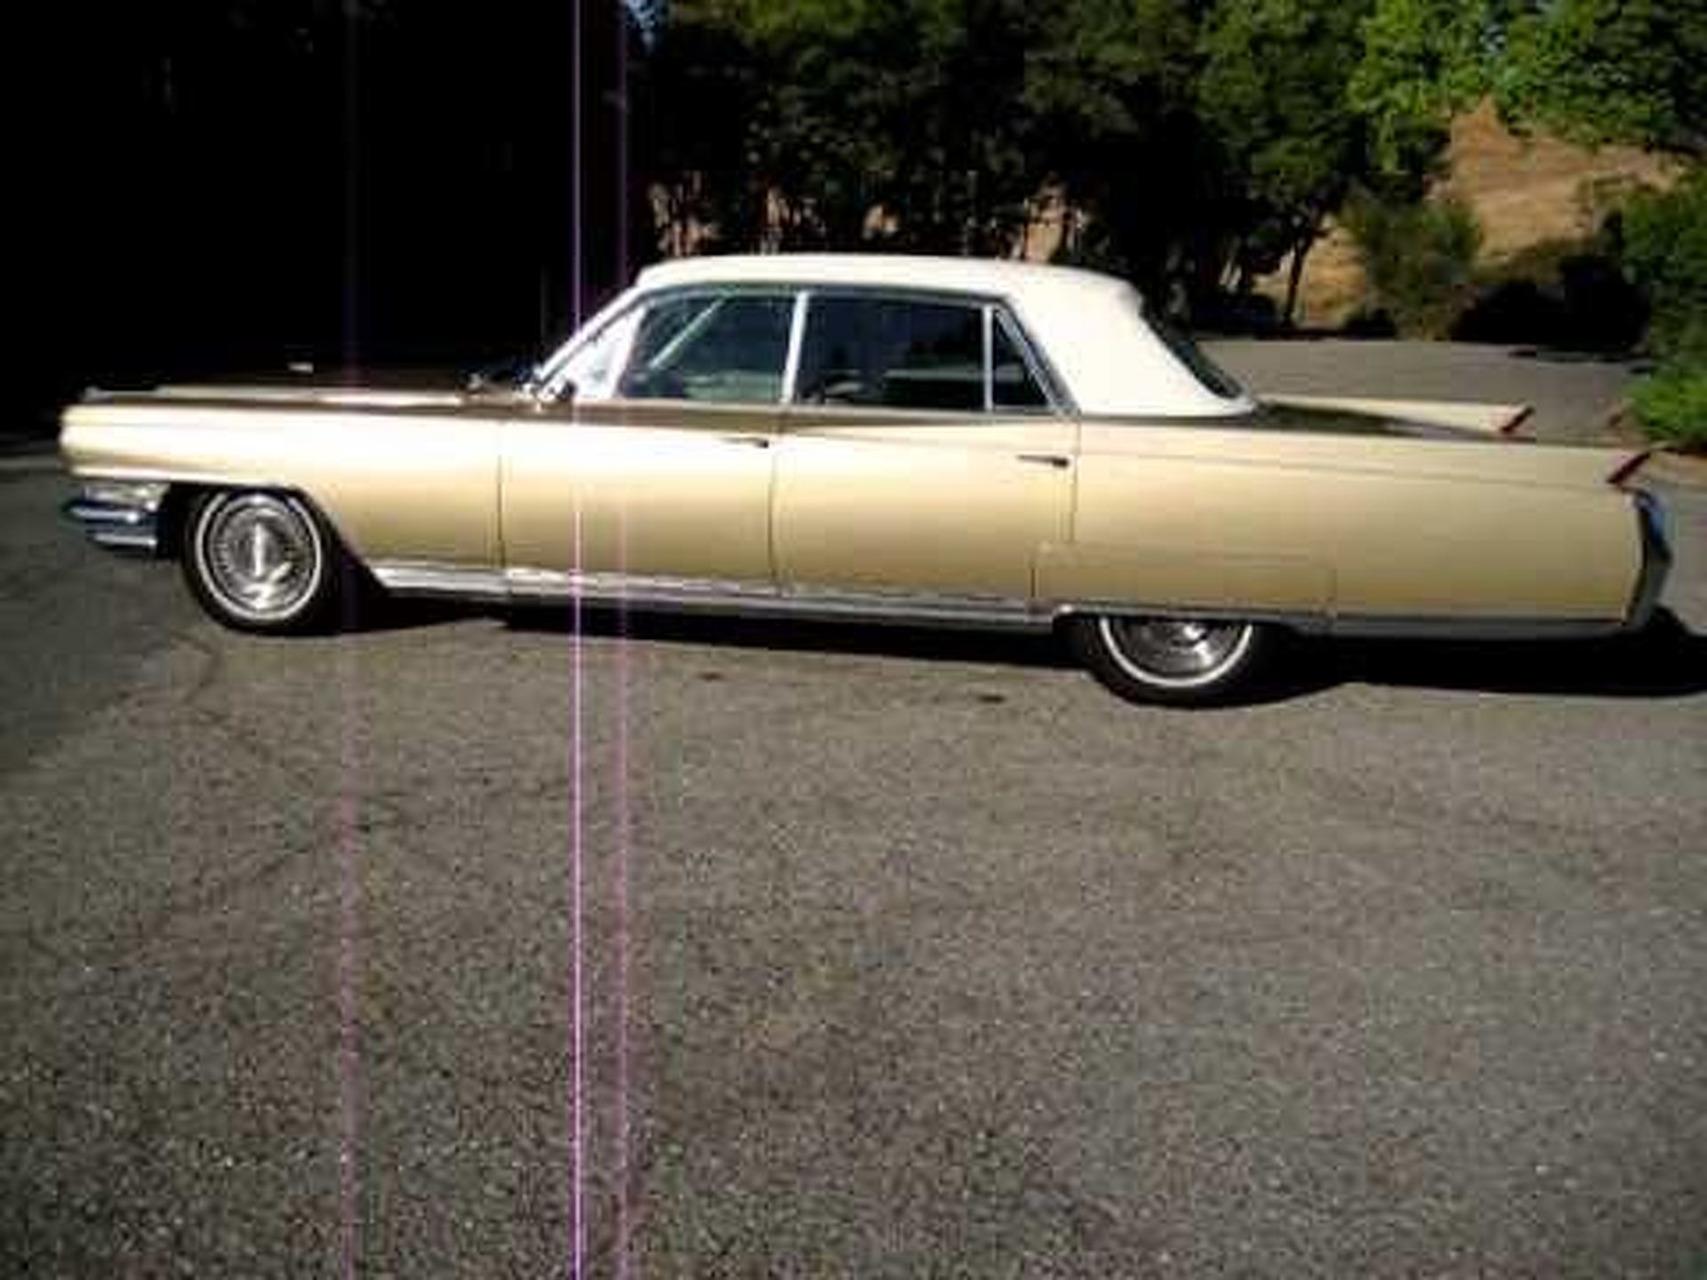 1964 Gold Fleetwood Cadillac Walkaround